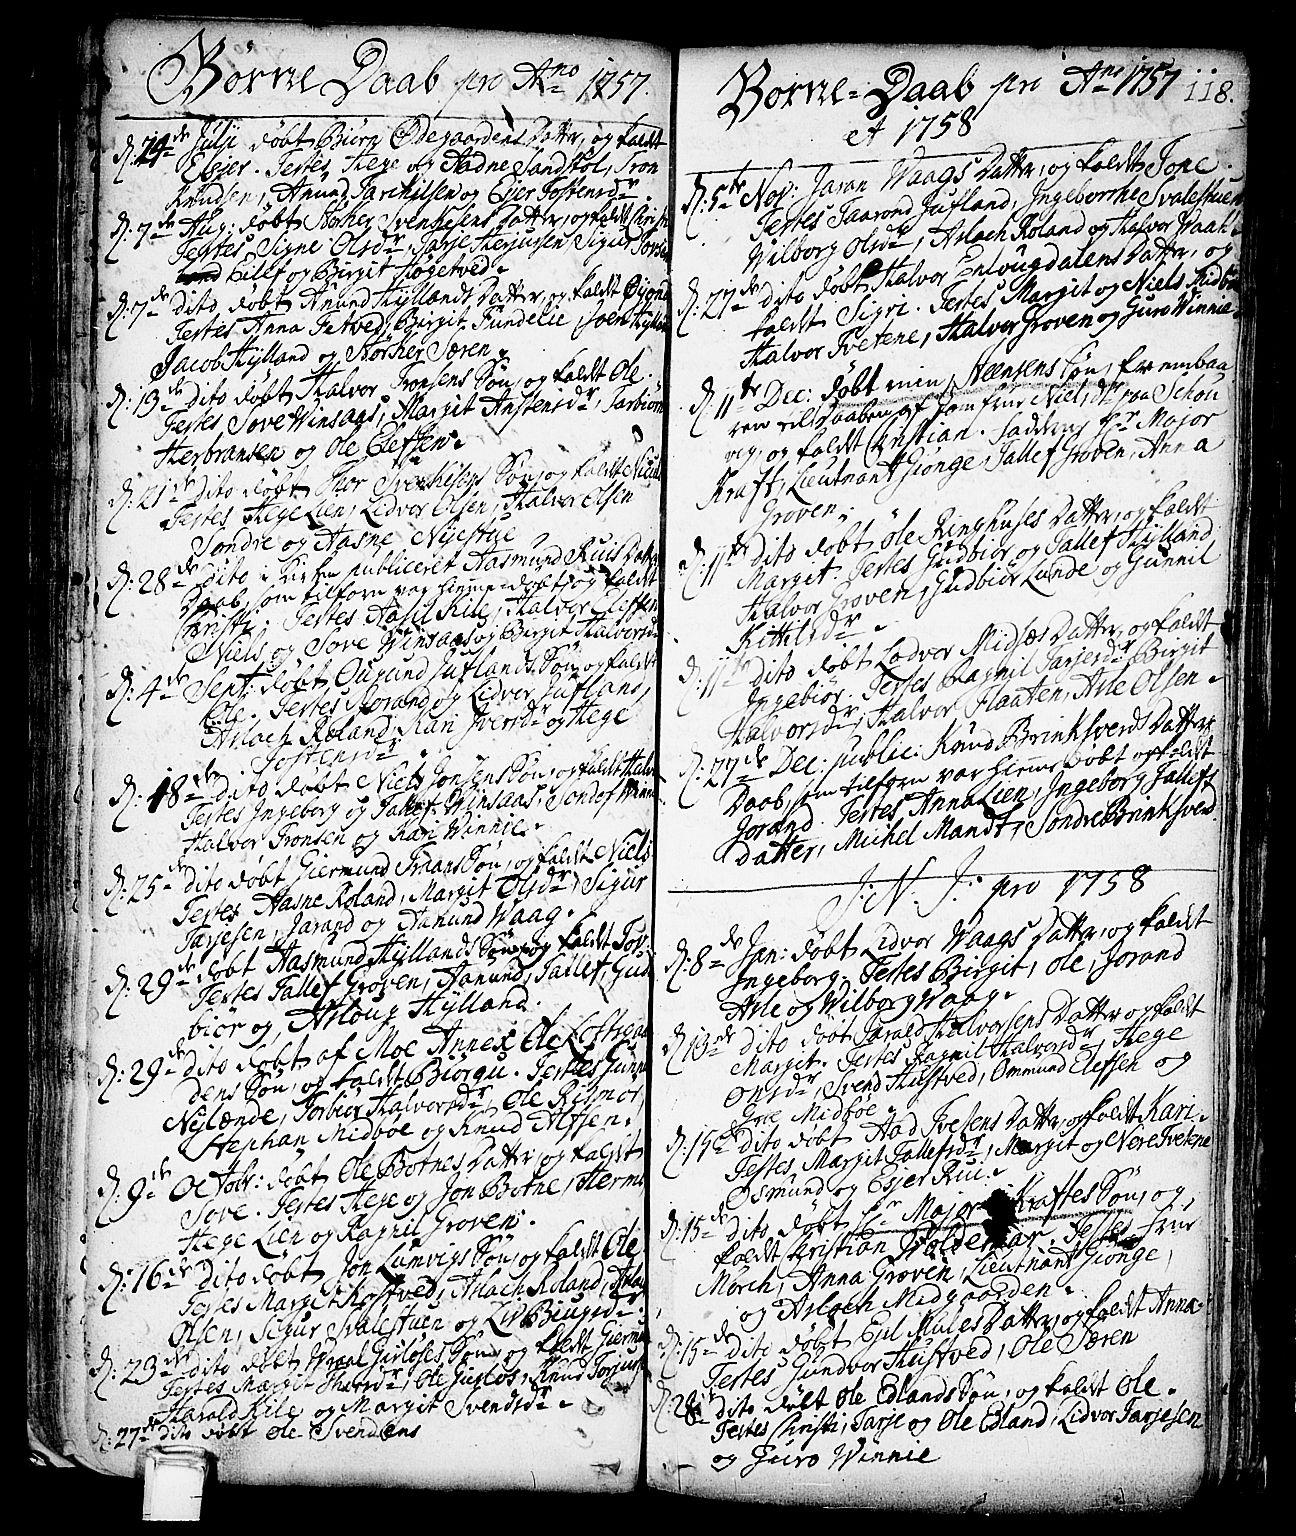 SAKO, Vinje kirkebøker, F/Fa/L0001: Ministerialbok nr. I 1, 1717-1766, s. 118